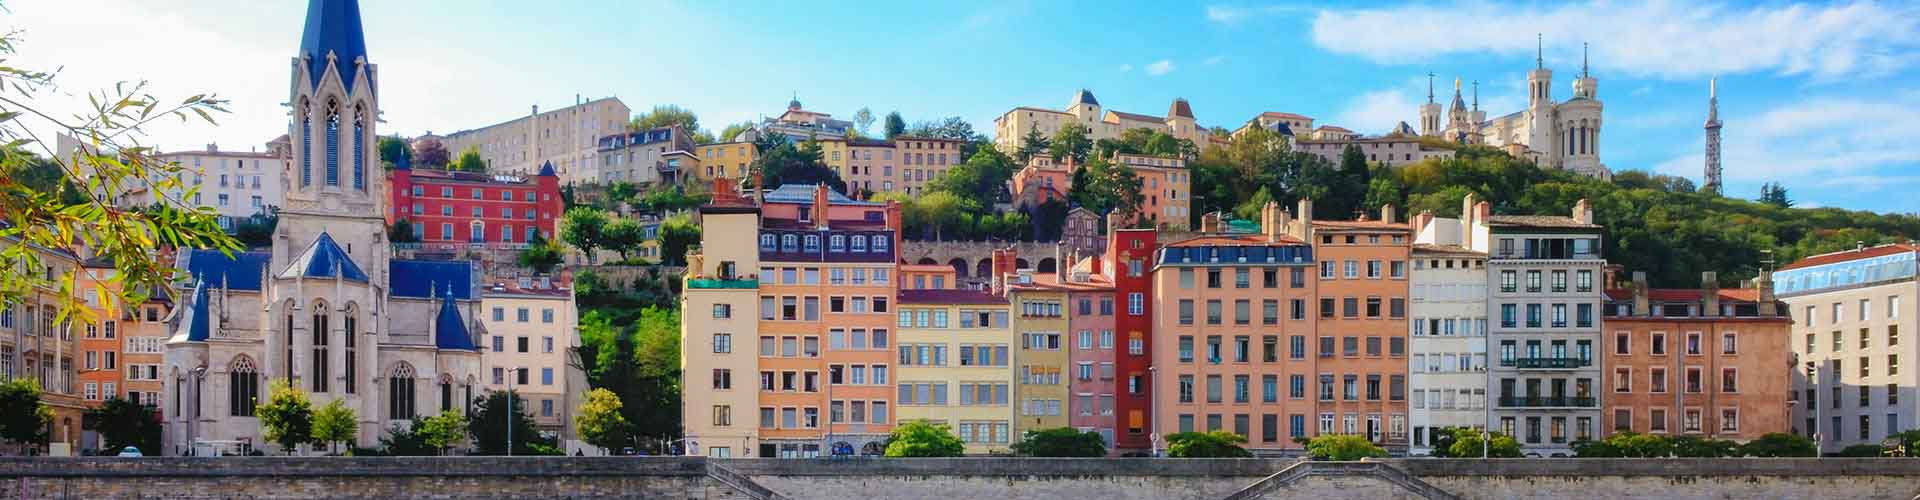 Lyon - Hôtels dans le quartier de 8e. Cartes pour Lyon, photos et commentaires pour chaque hôtel à Lyon.